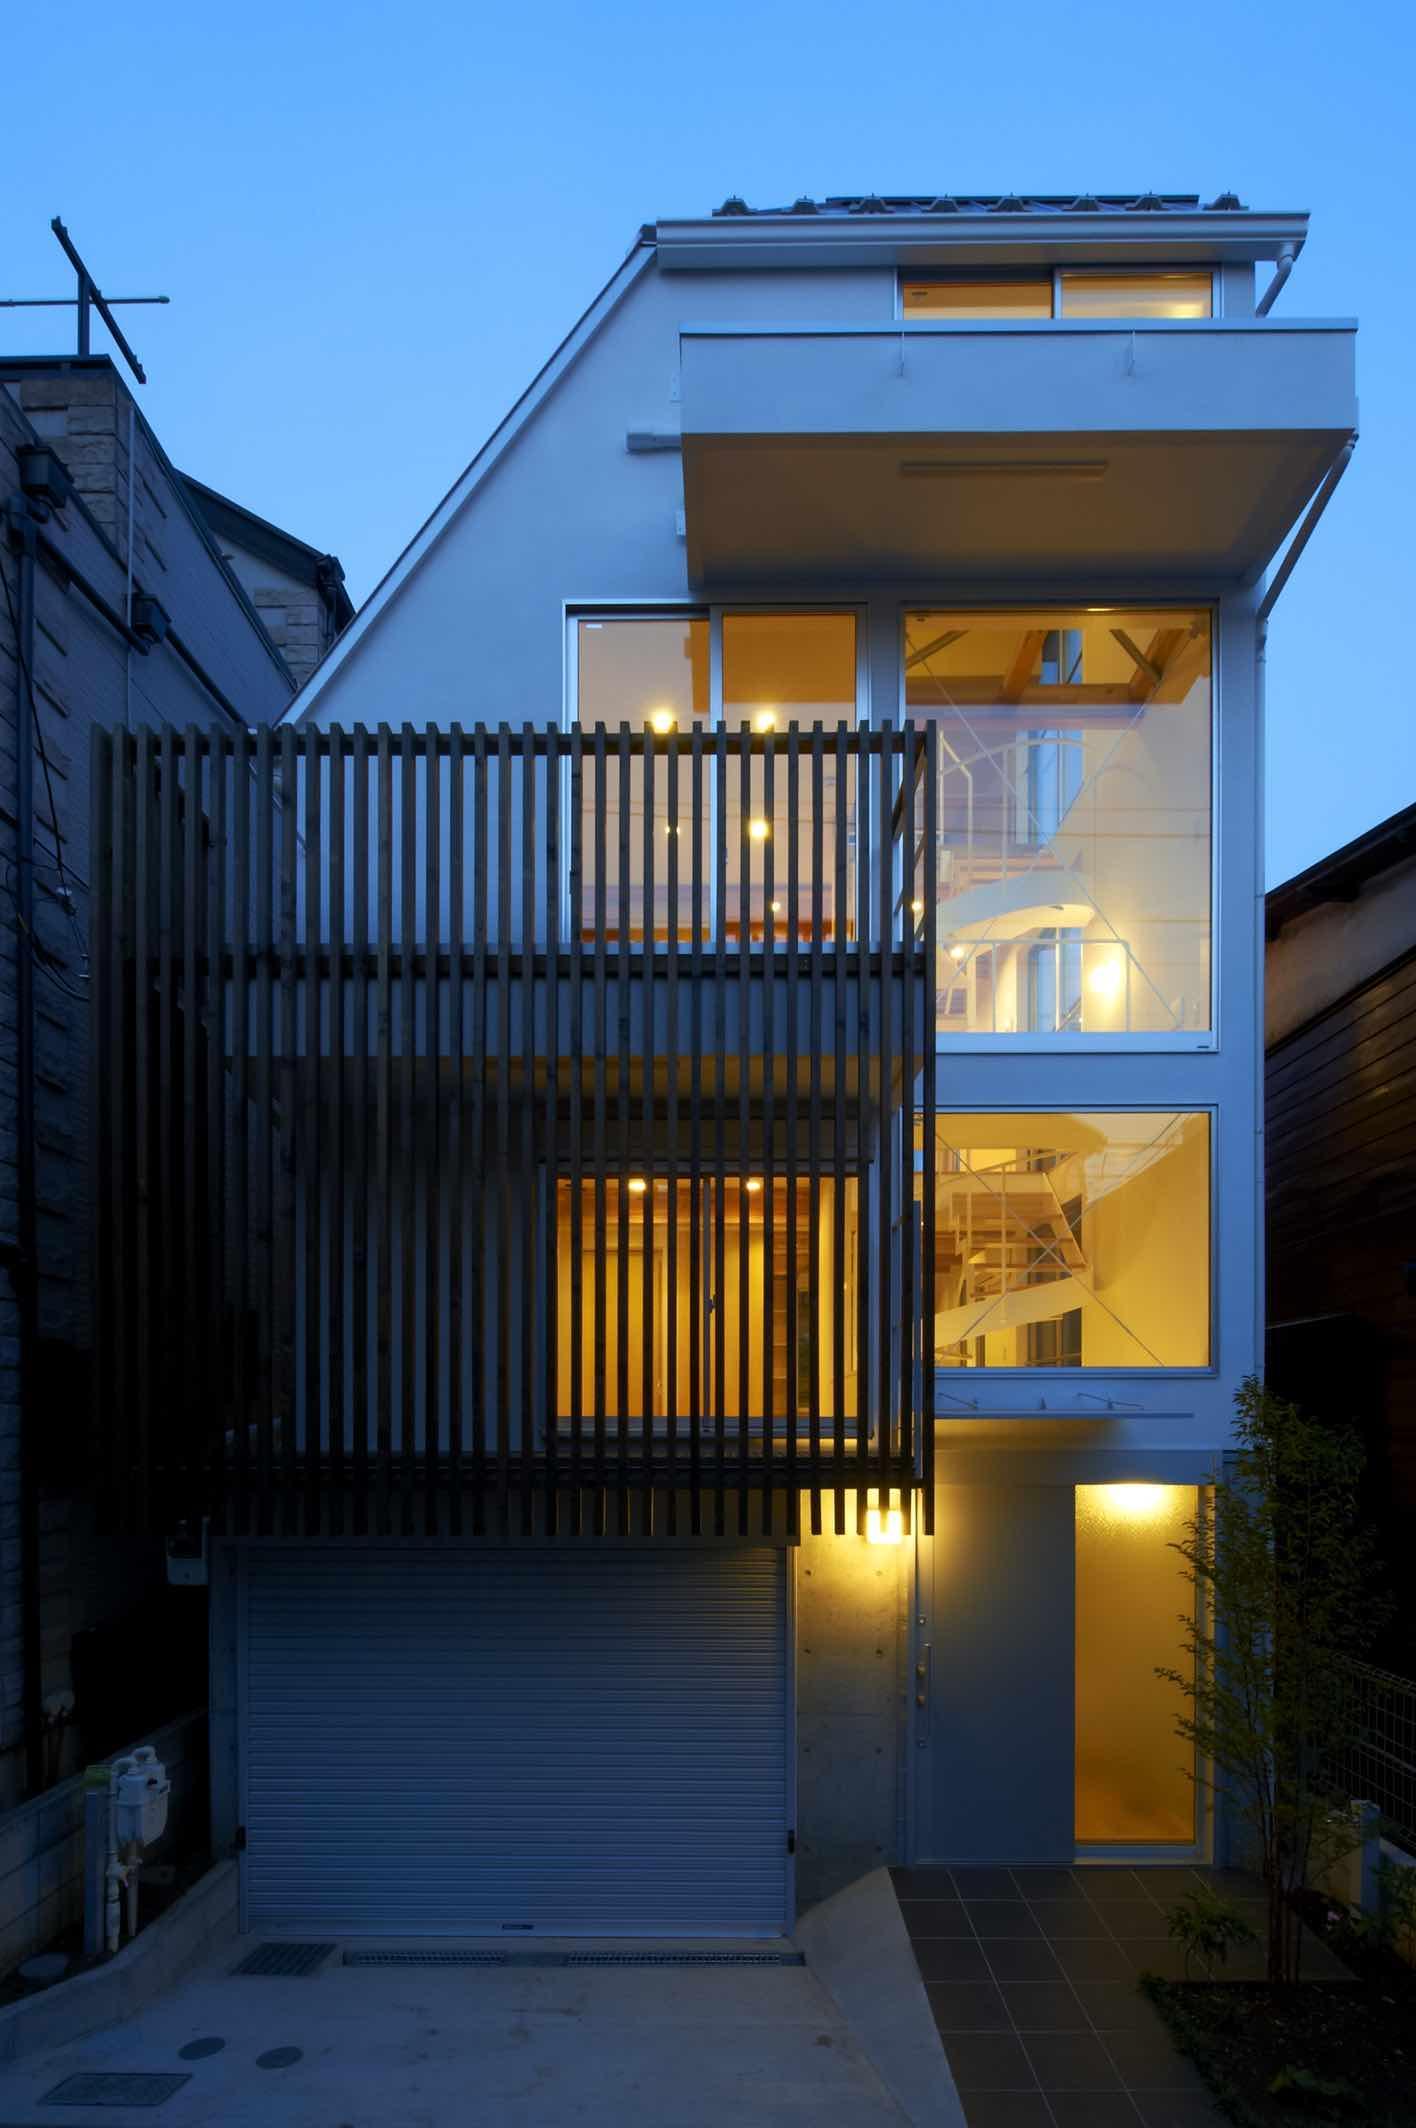 上水の家の部屋 優しい光が漏れる木格子のある外観